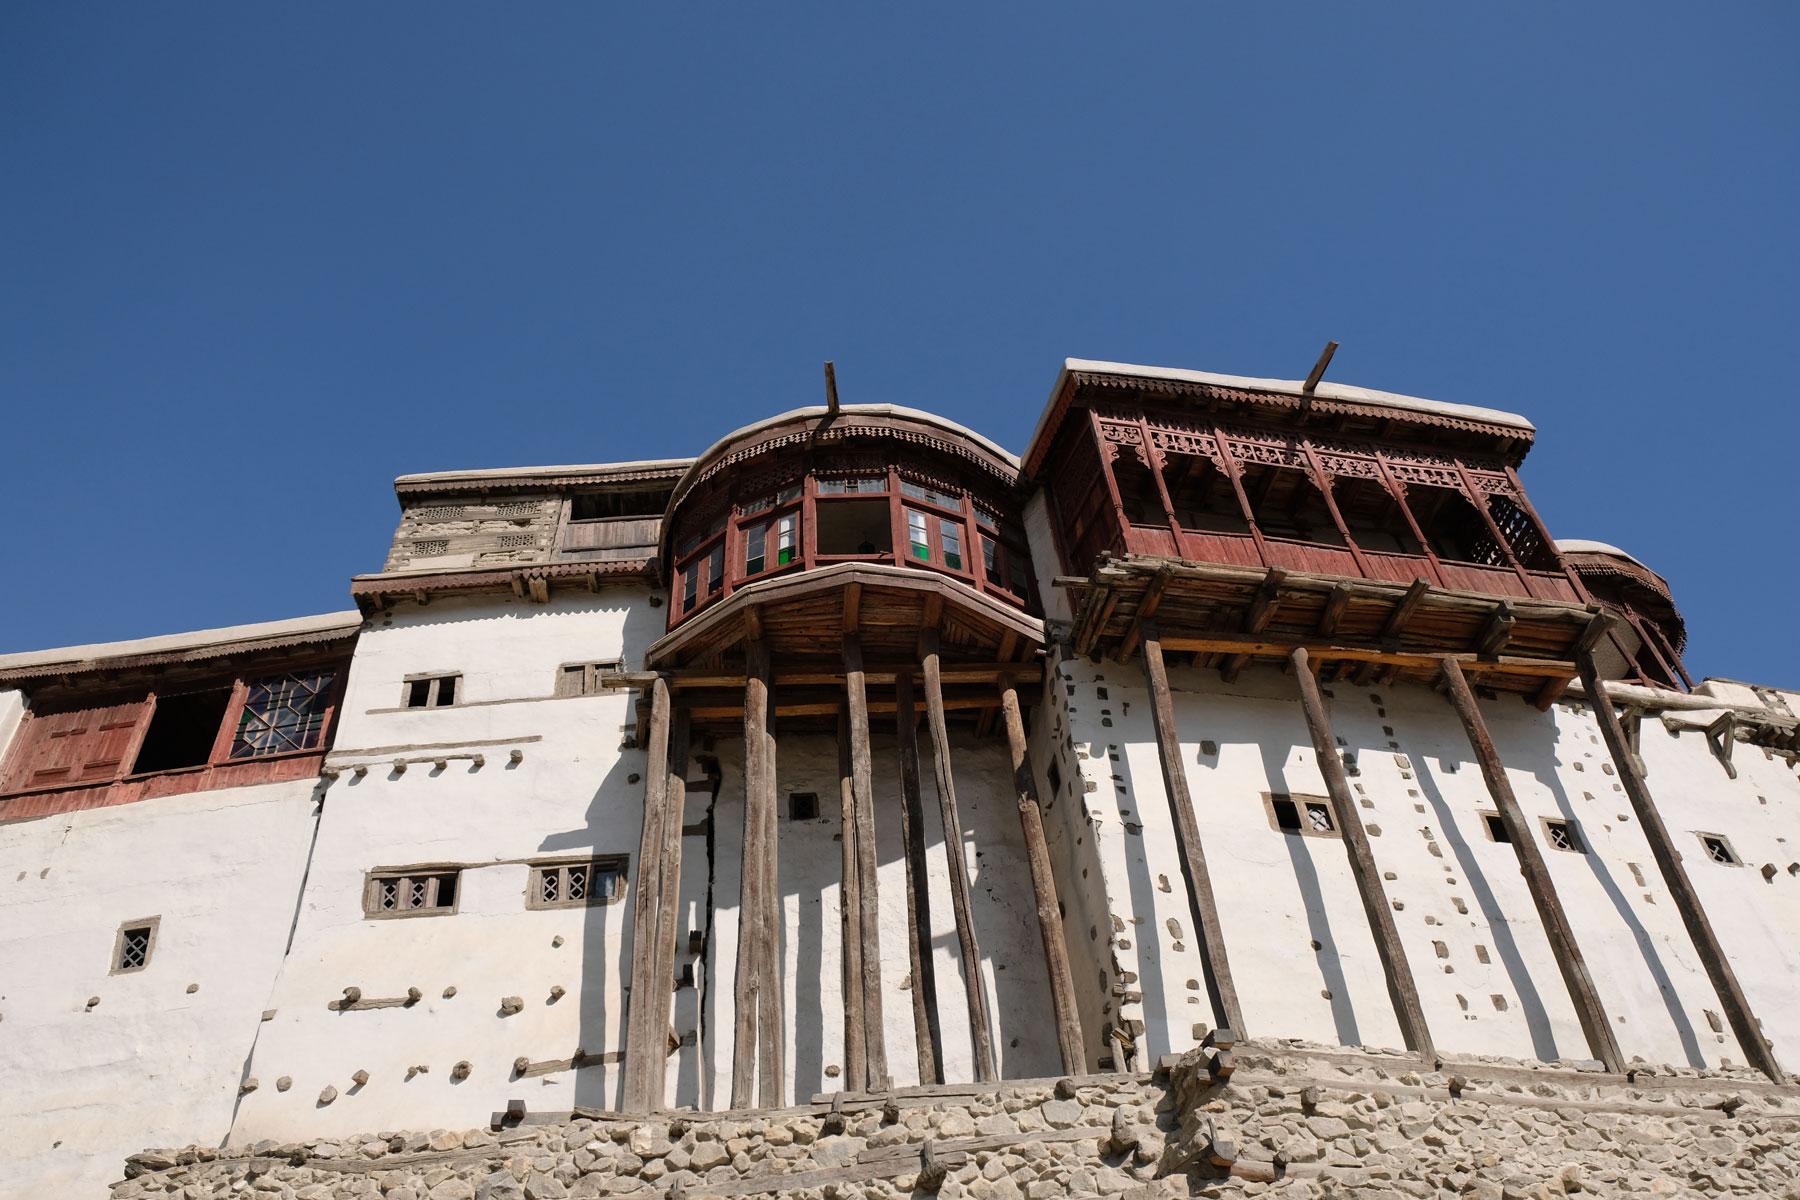 Das Fort ist eine beeindruckende Festung, die uns an den Potala-Palast in Lhasa erinnert